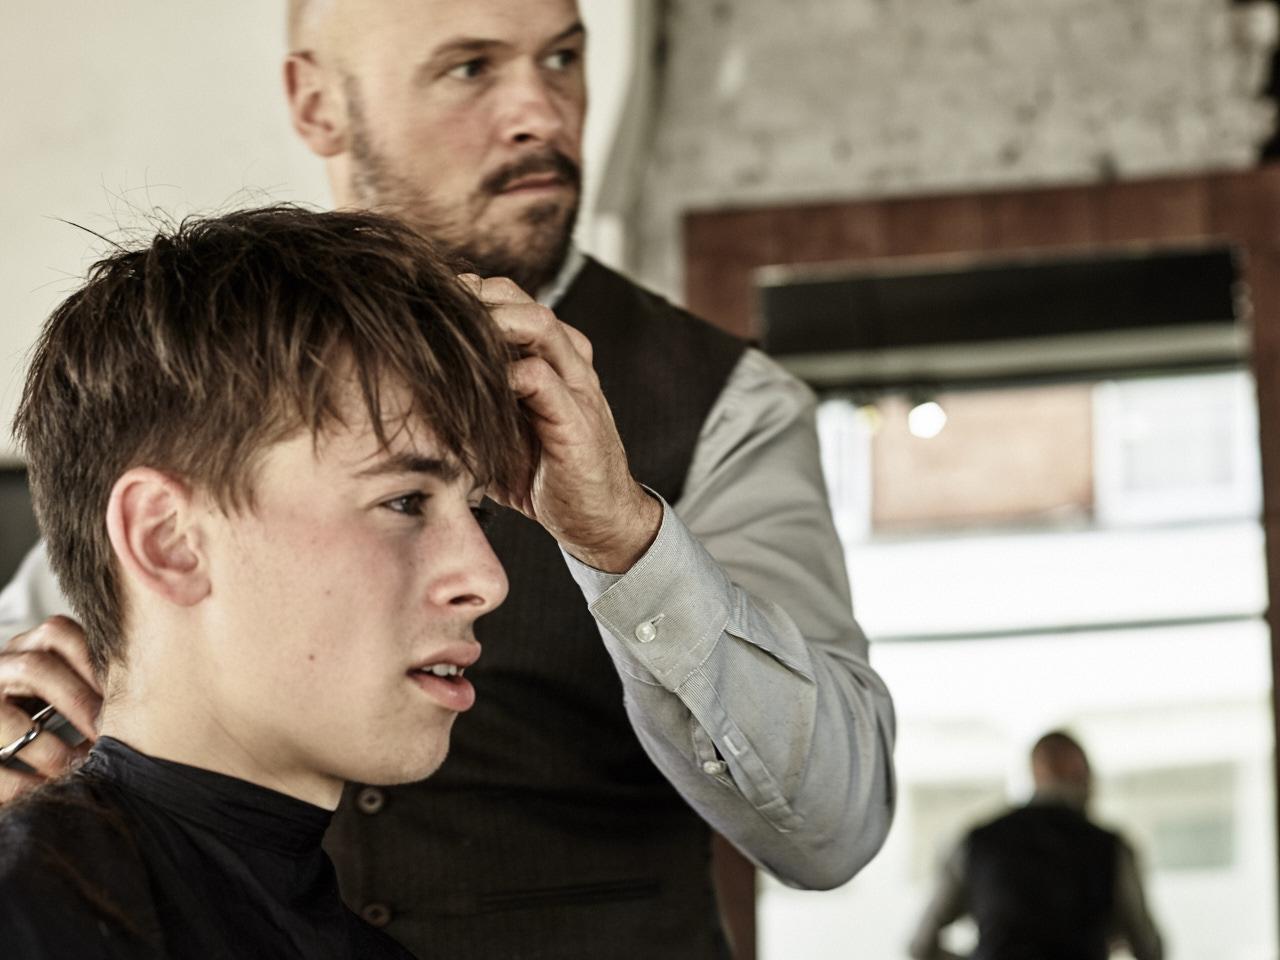 Barber_33.jpg